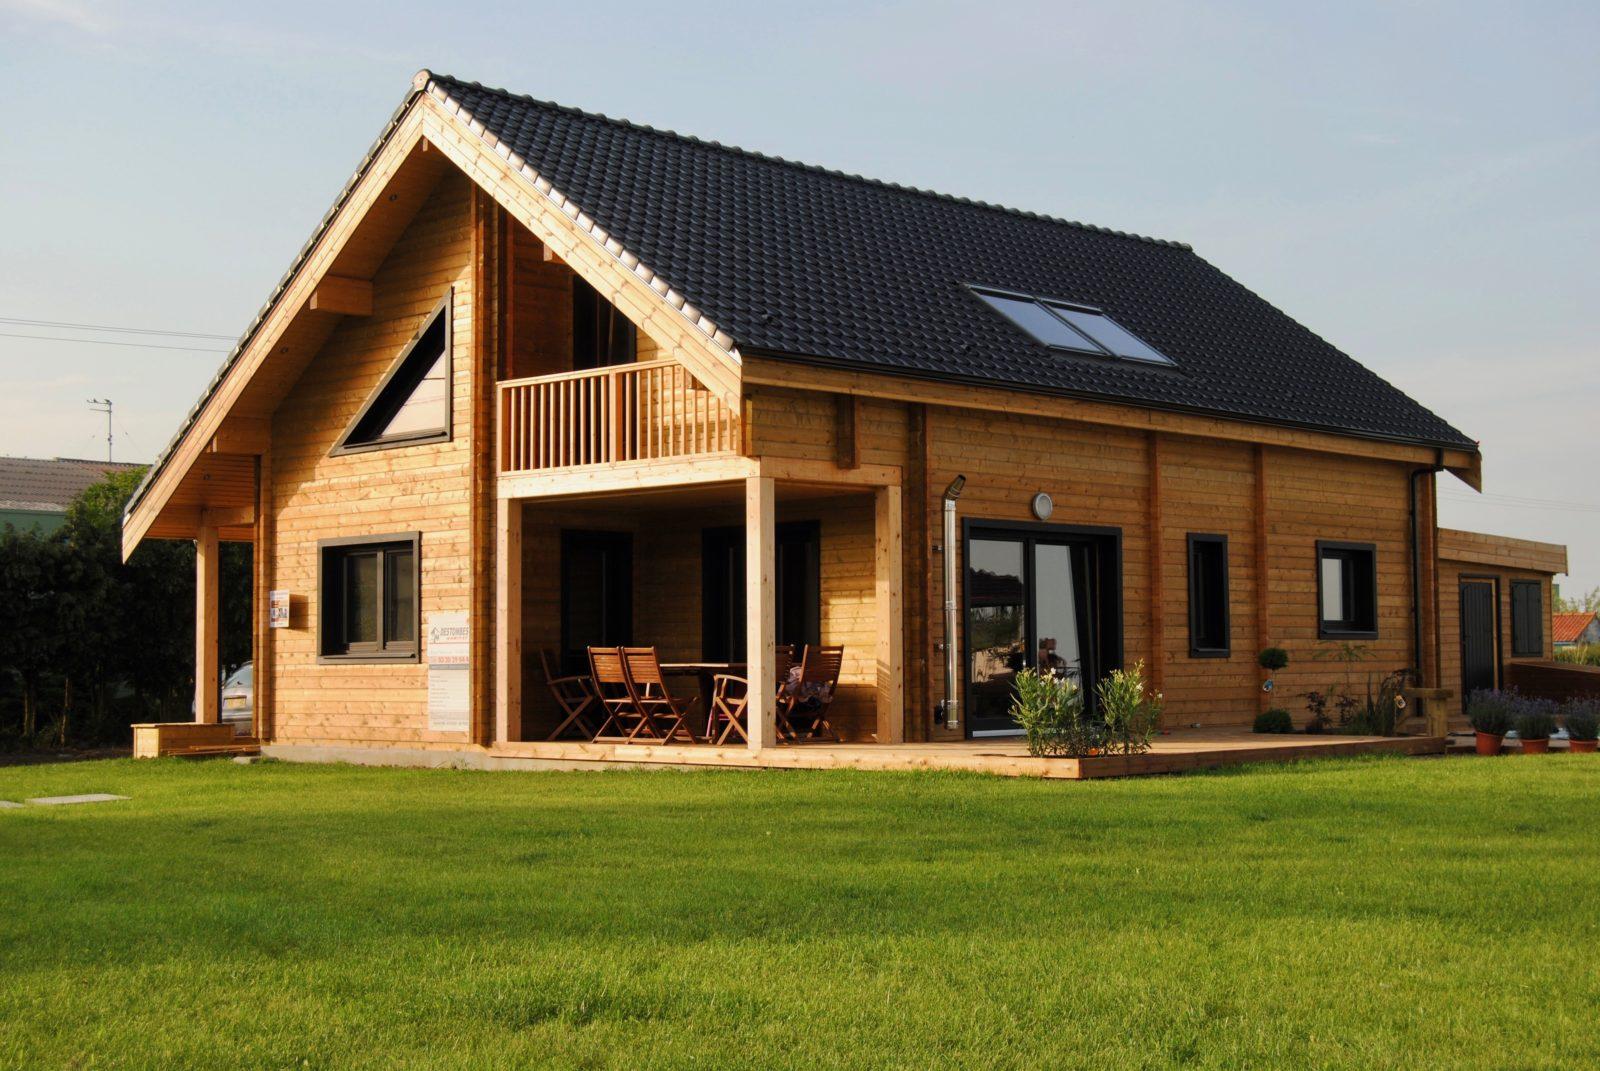 Maison en madrier contemporaine et lumineuse